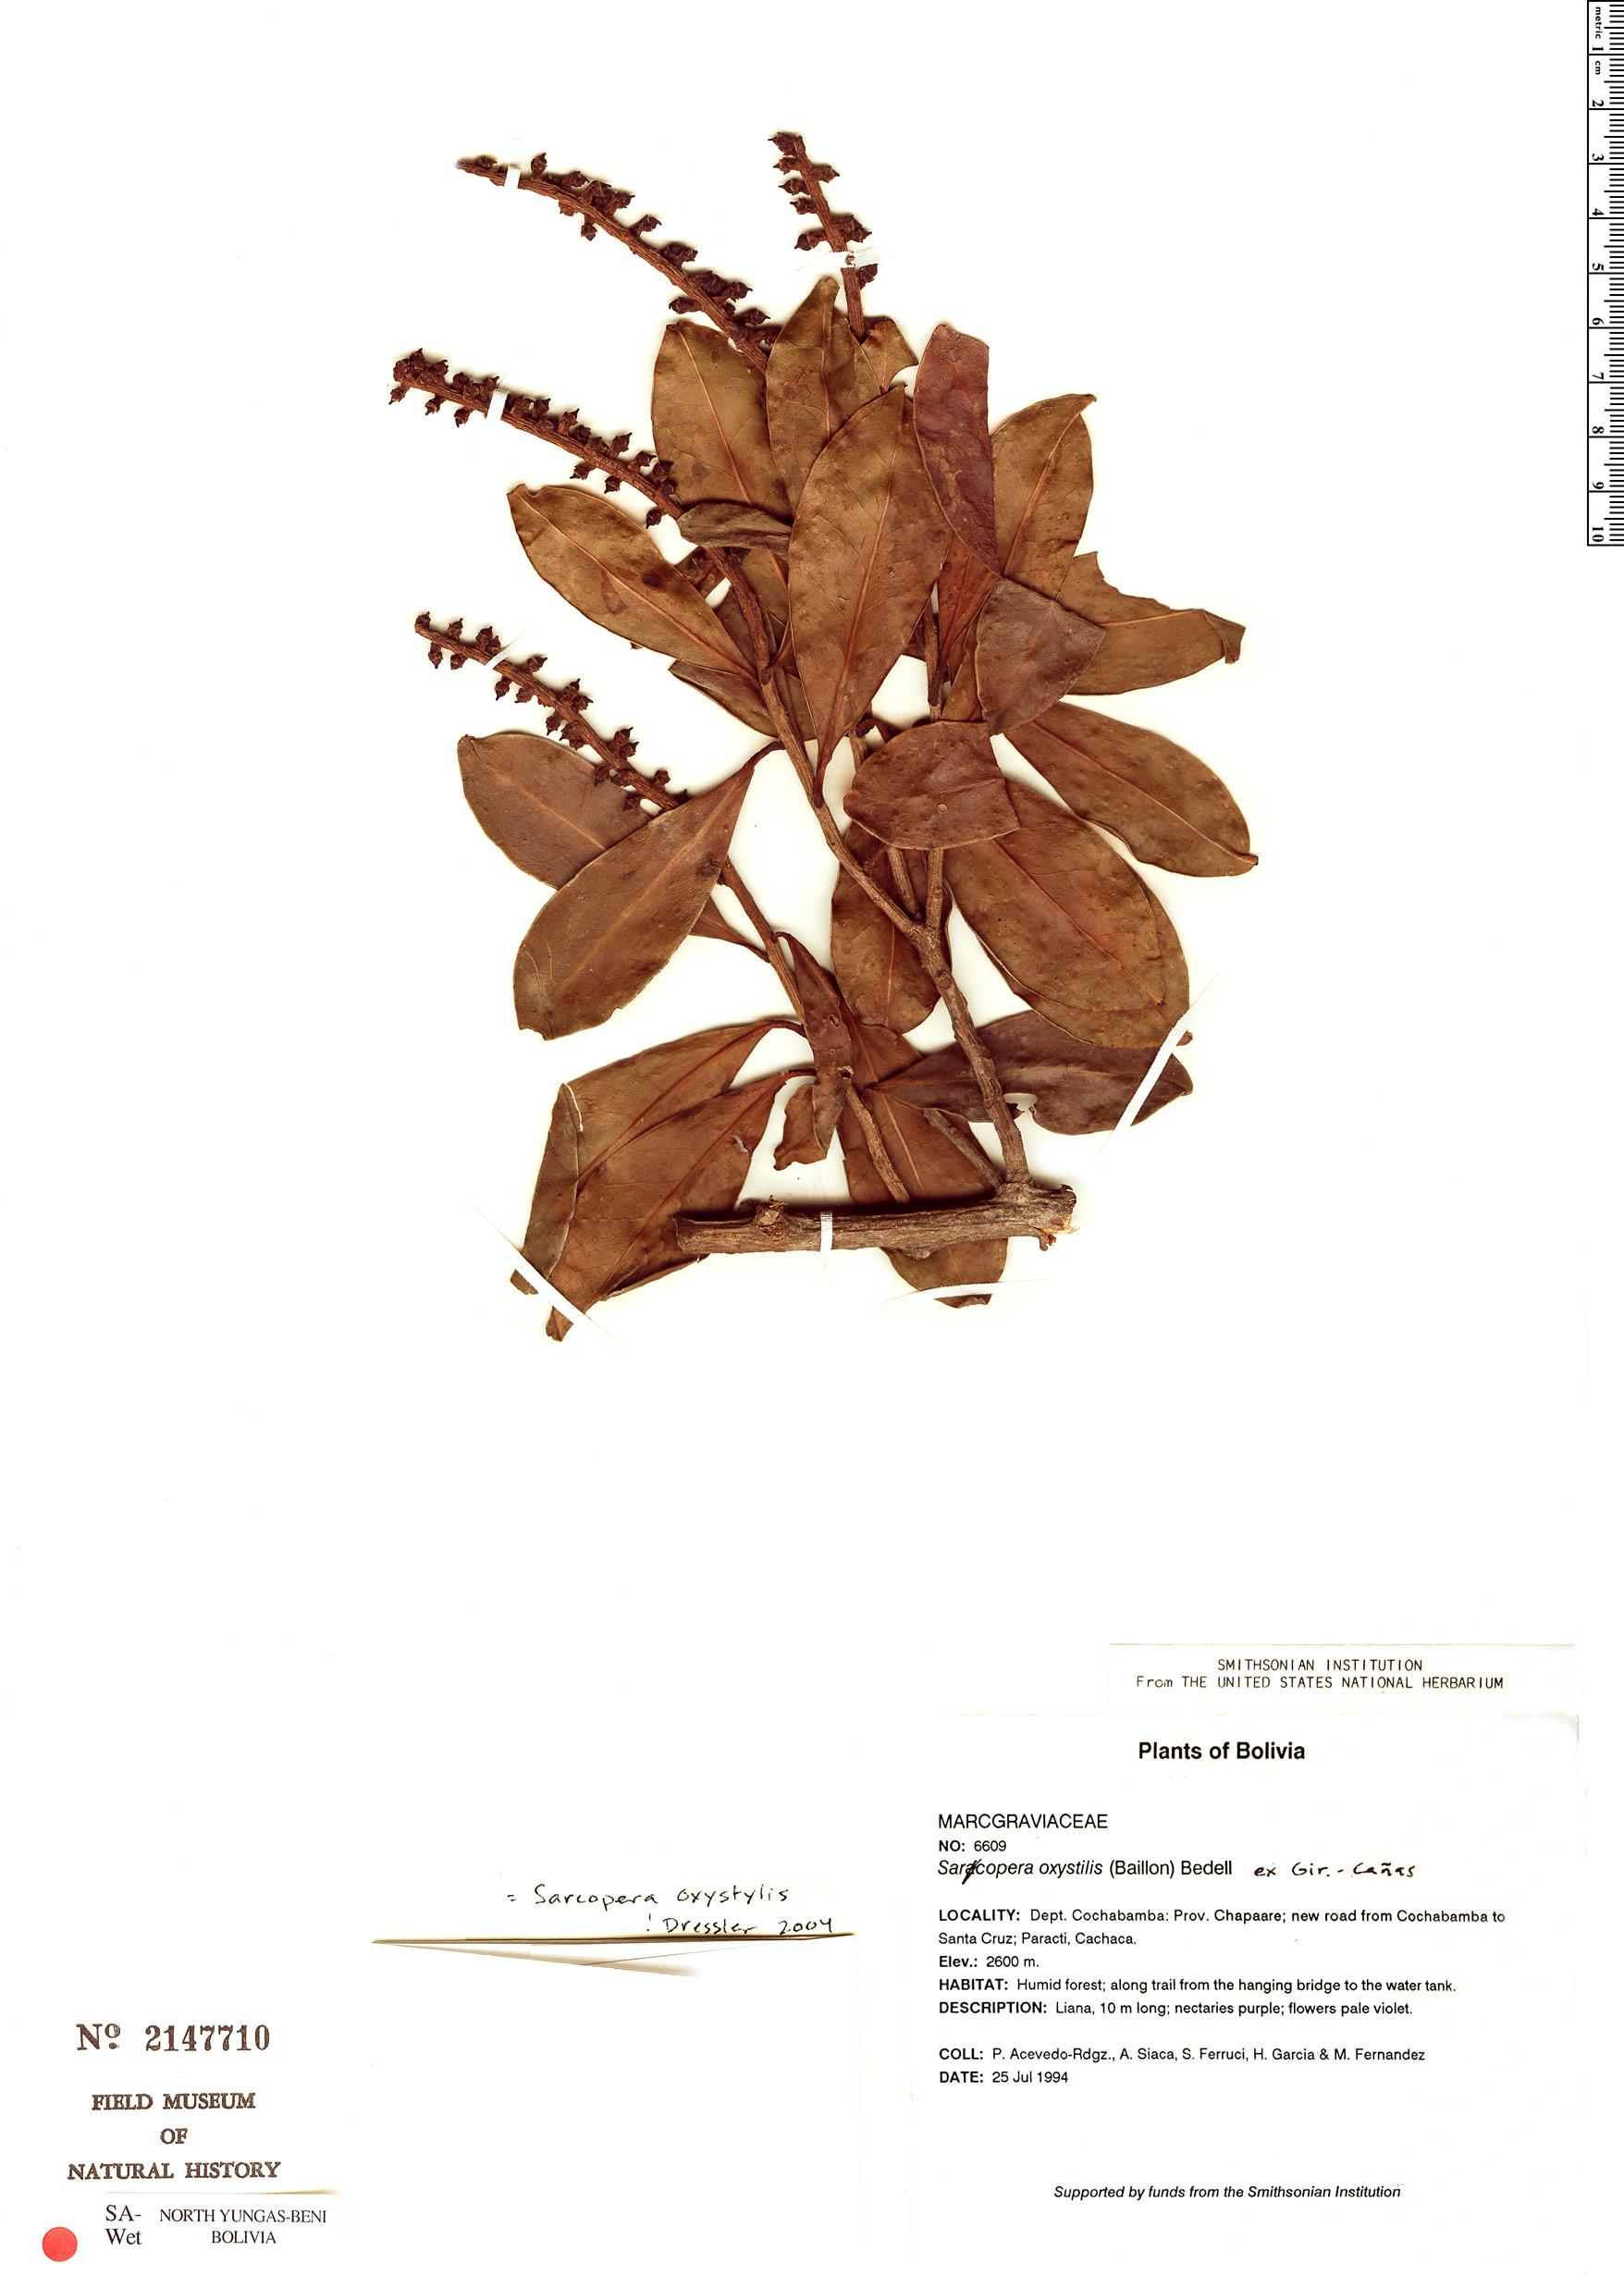 Specimen: Sarcopera oxystylis